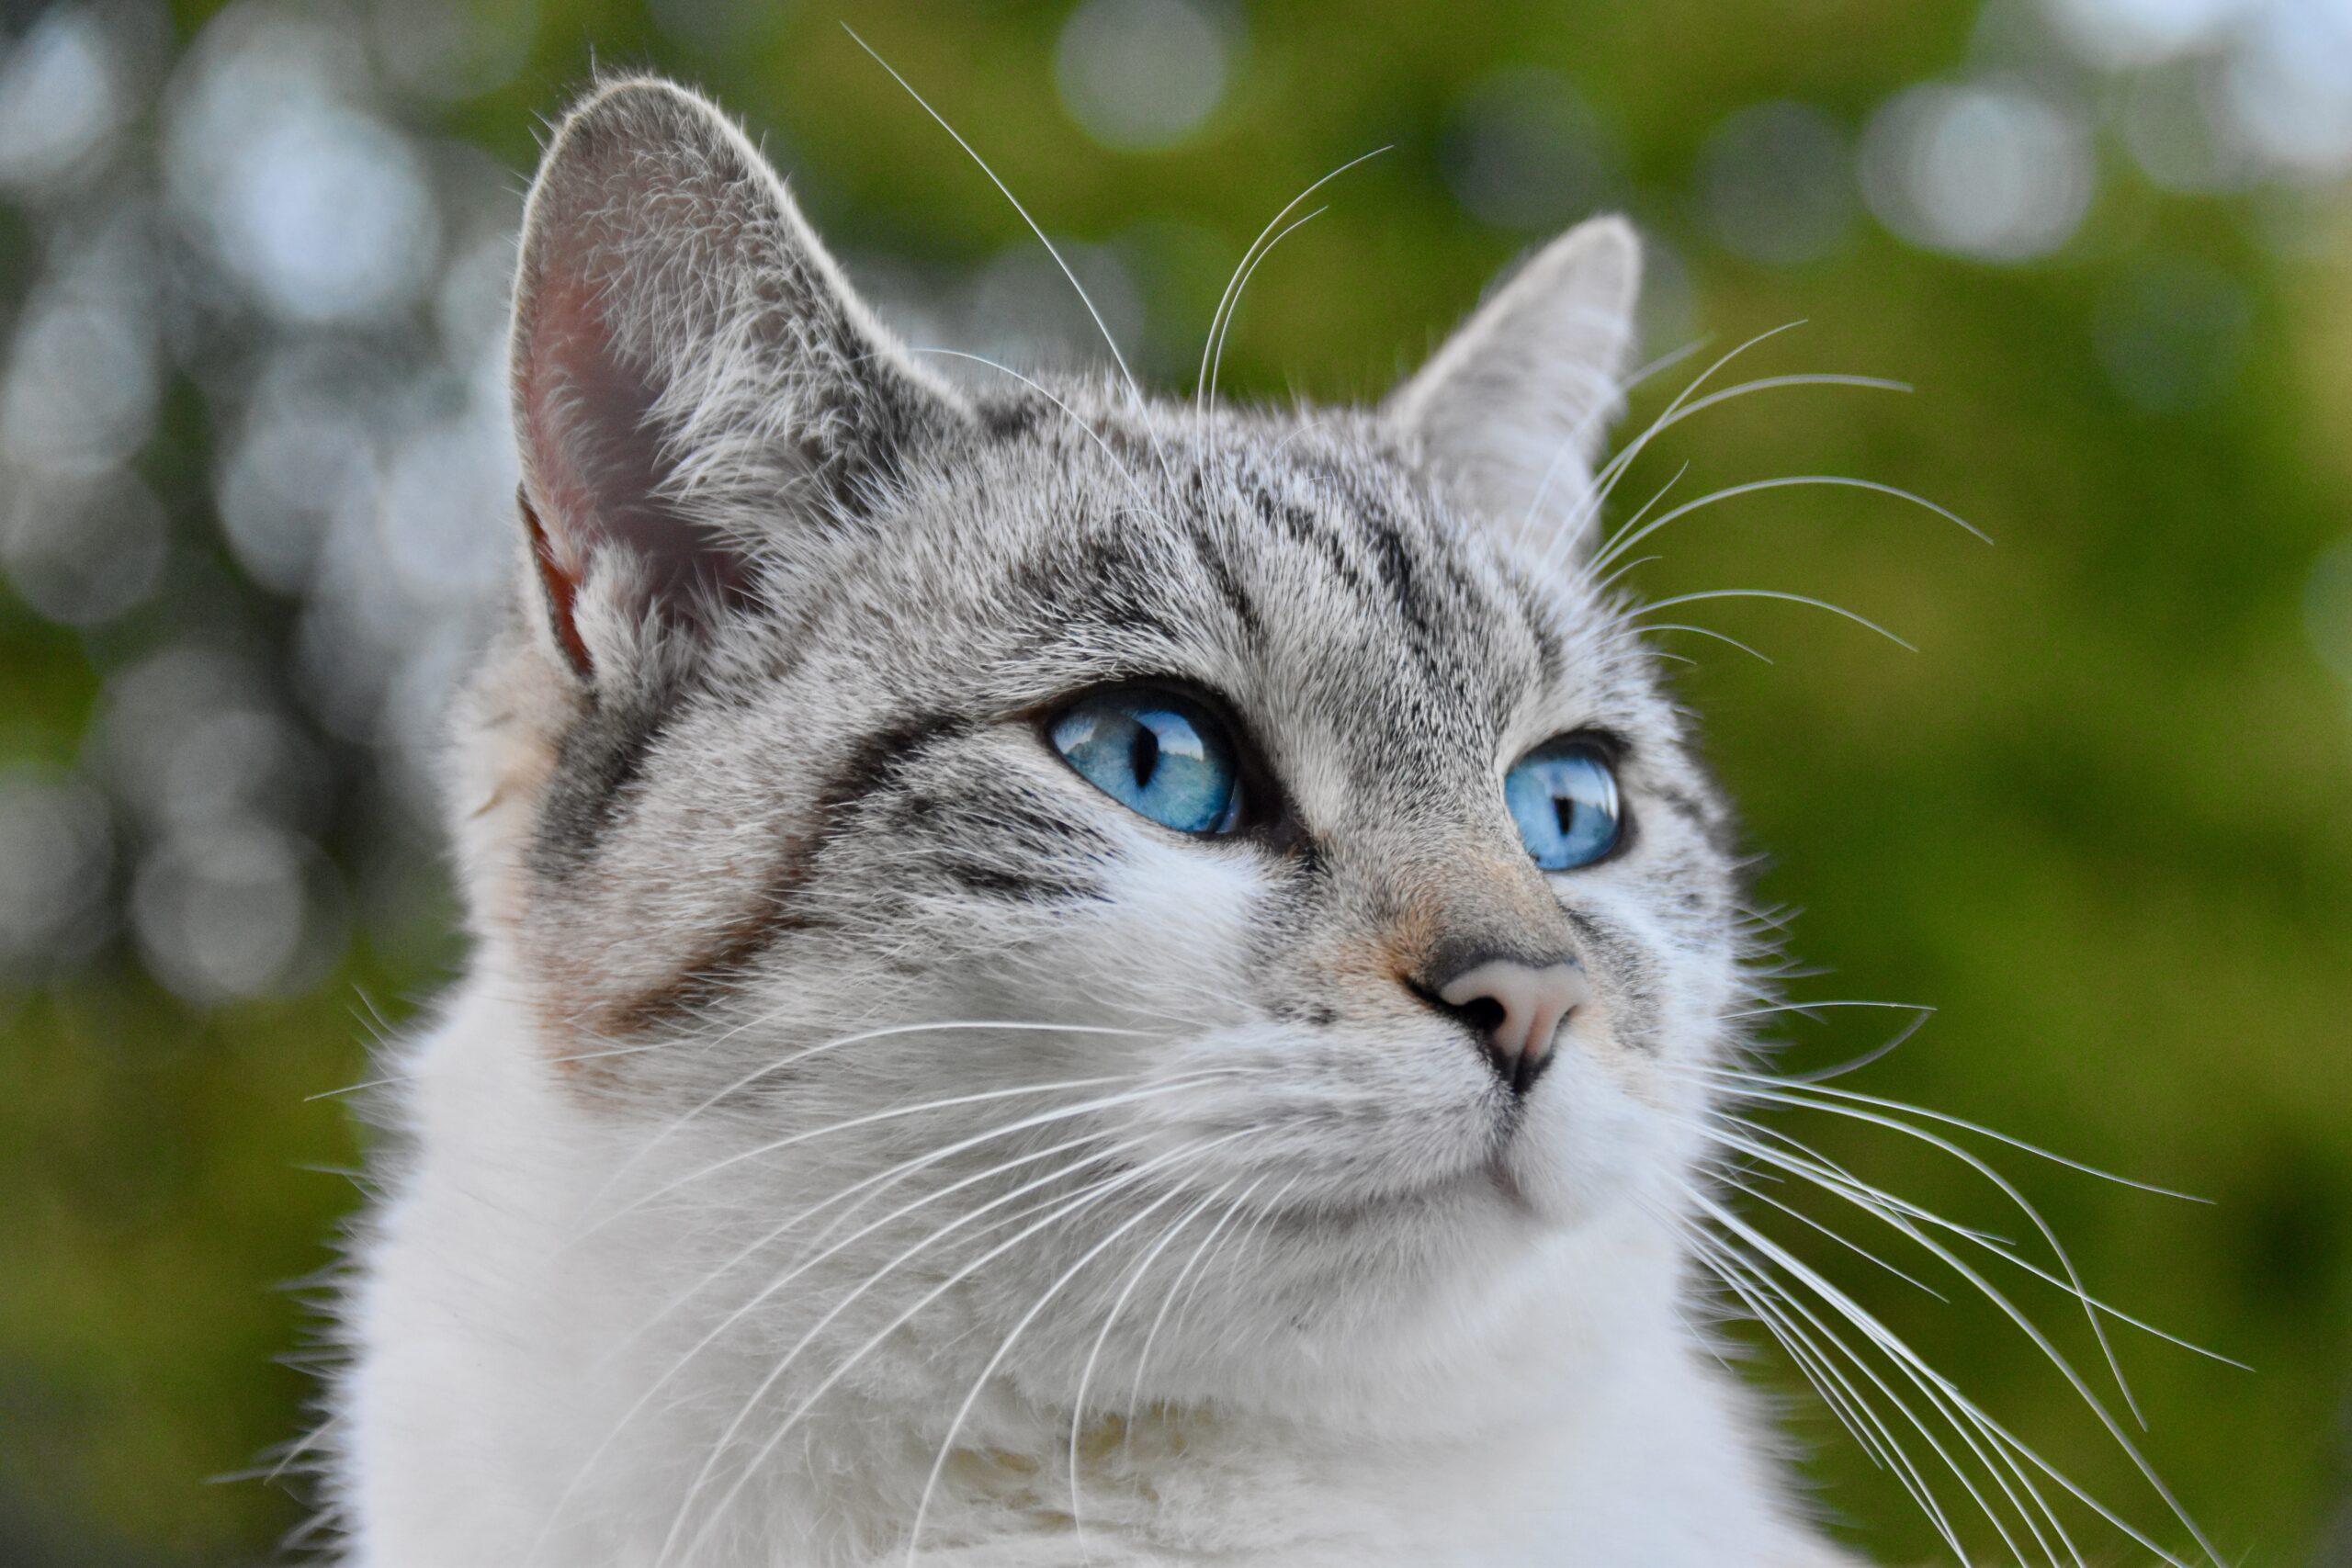 Problémové chování koček – je lepší převýchova, léky či alternativa? Užitečný rozcestník